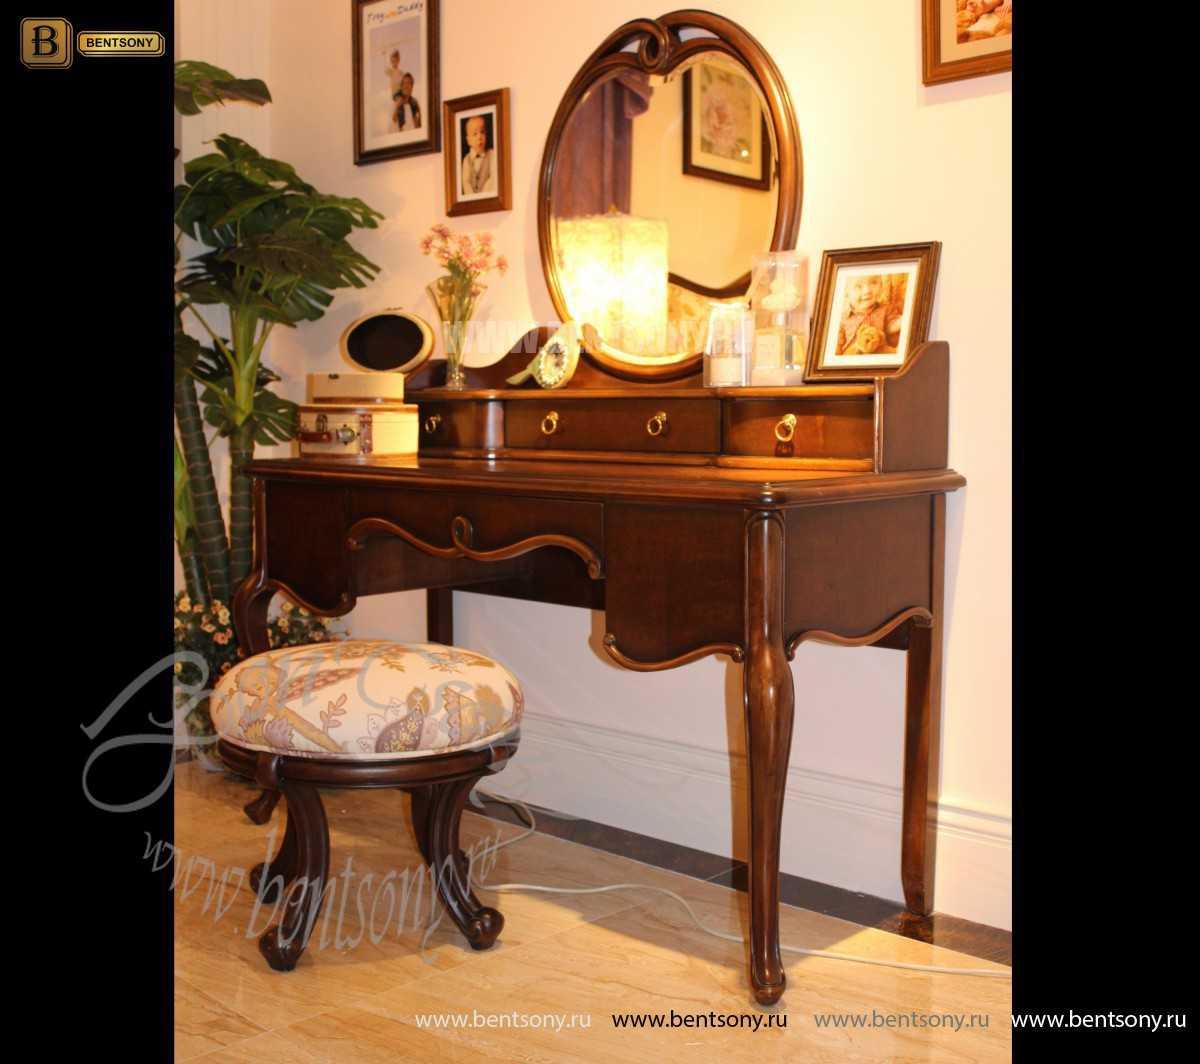 Стол туалетный Крофорд А с зеркалом (Массив дерева, классика) для дома